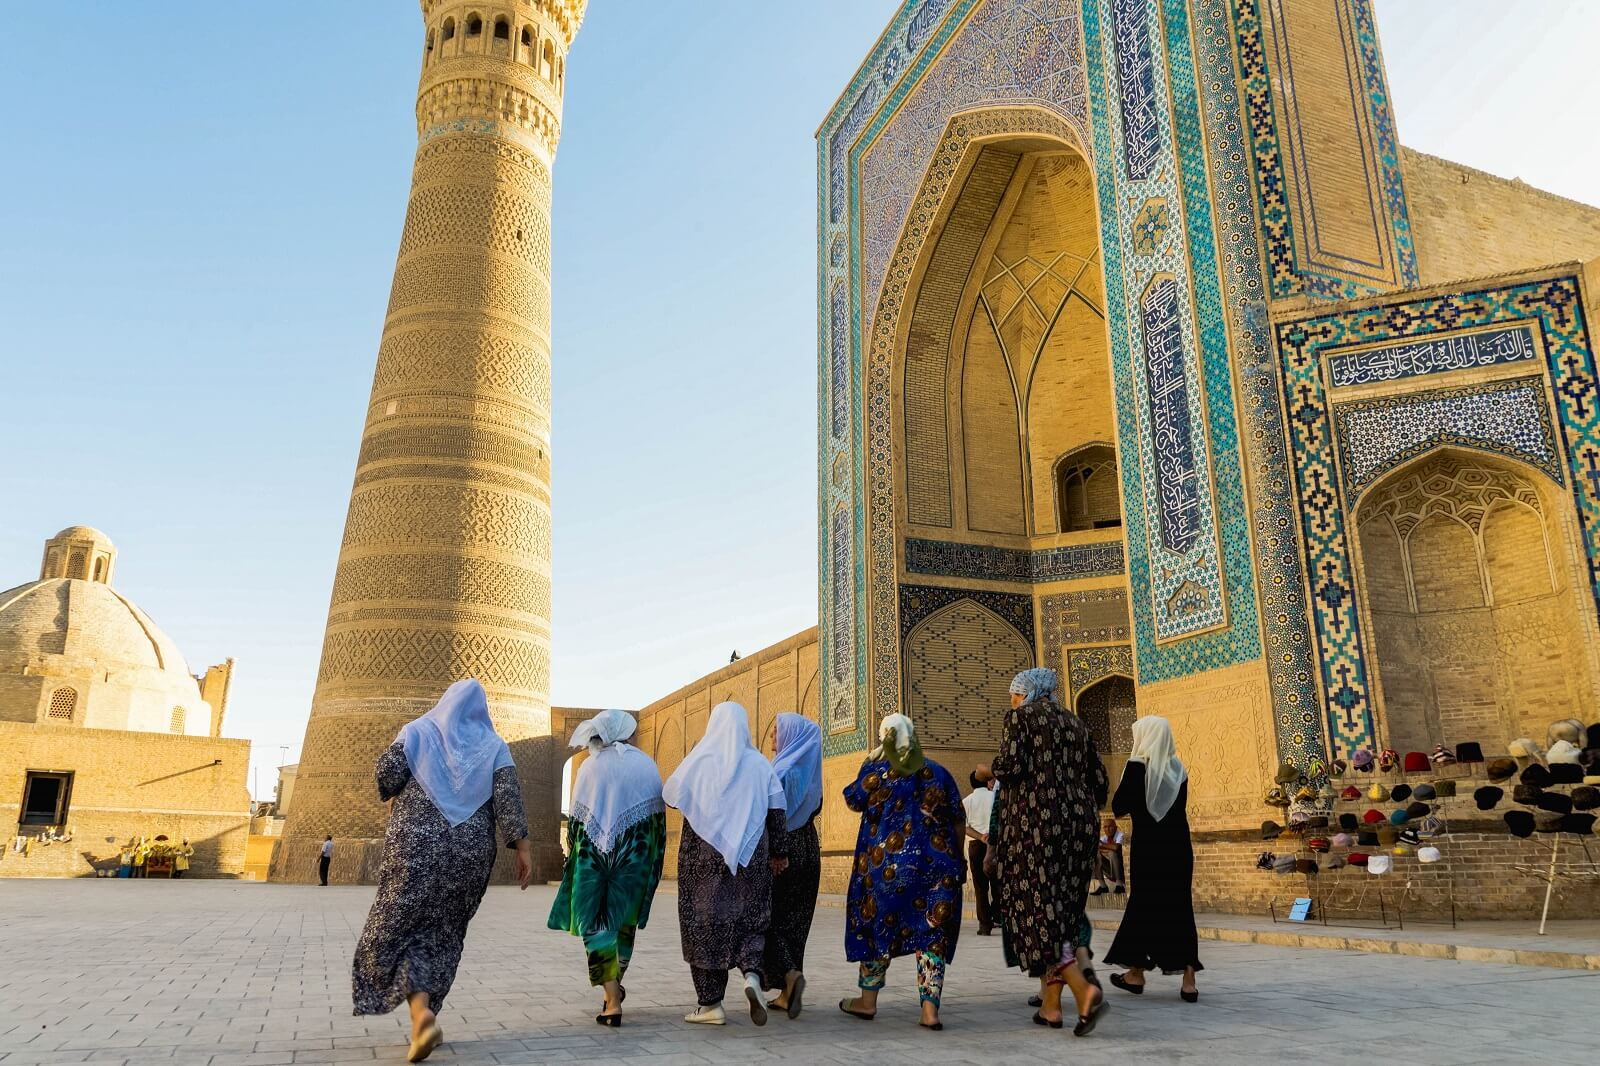 Bukhara – Khiva (480 km, 8h)